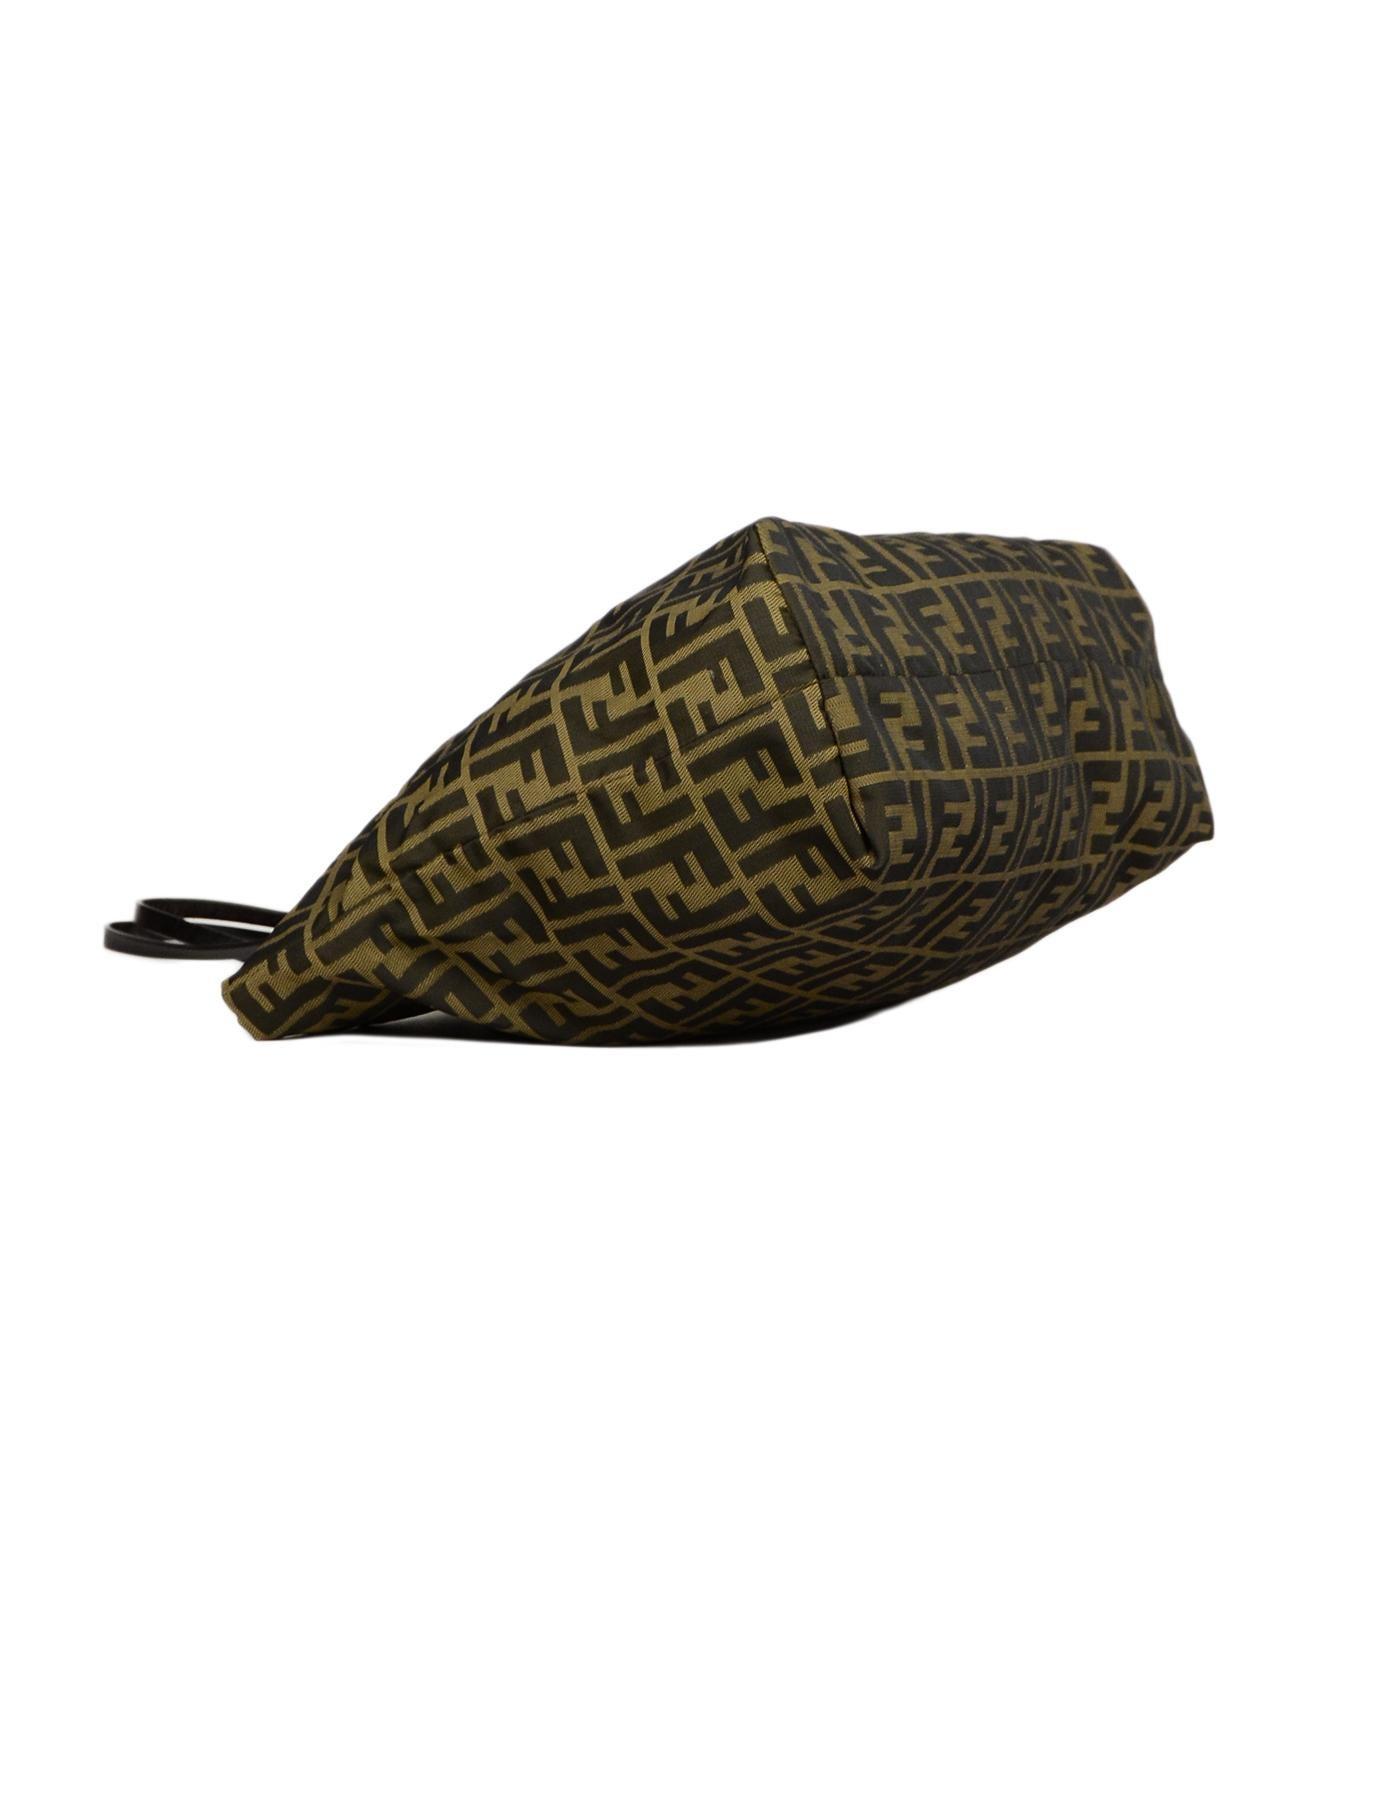 dcfde5e095e Fendi Brown FF Monogram Canvas Zucca Tote Bag For Sale at 1stdibs